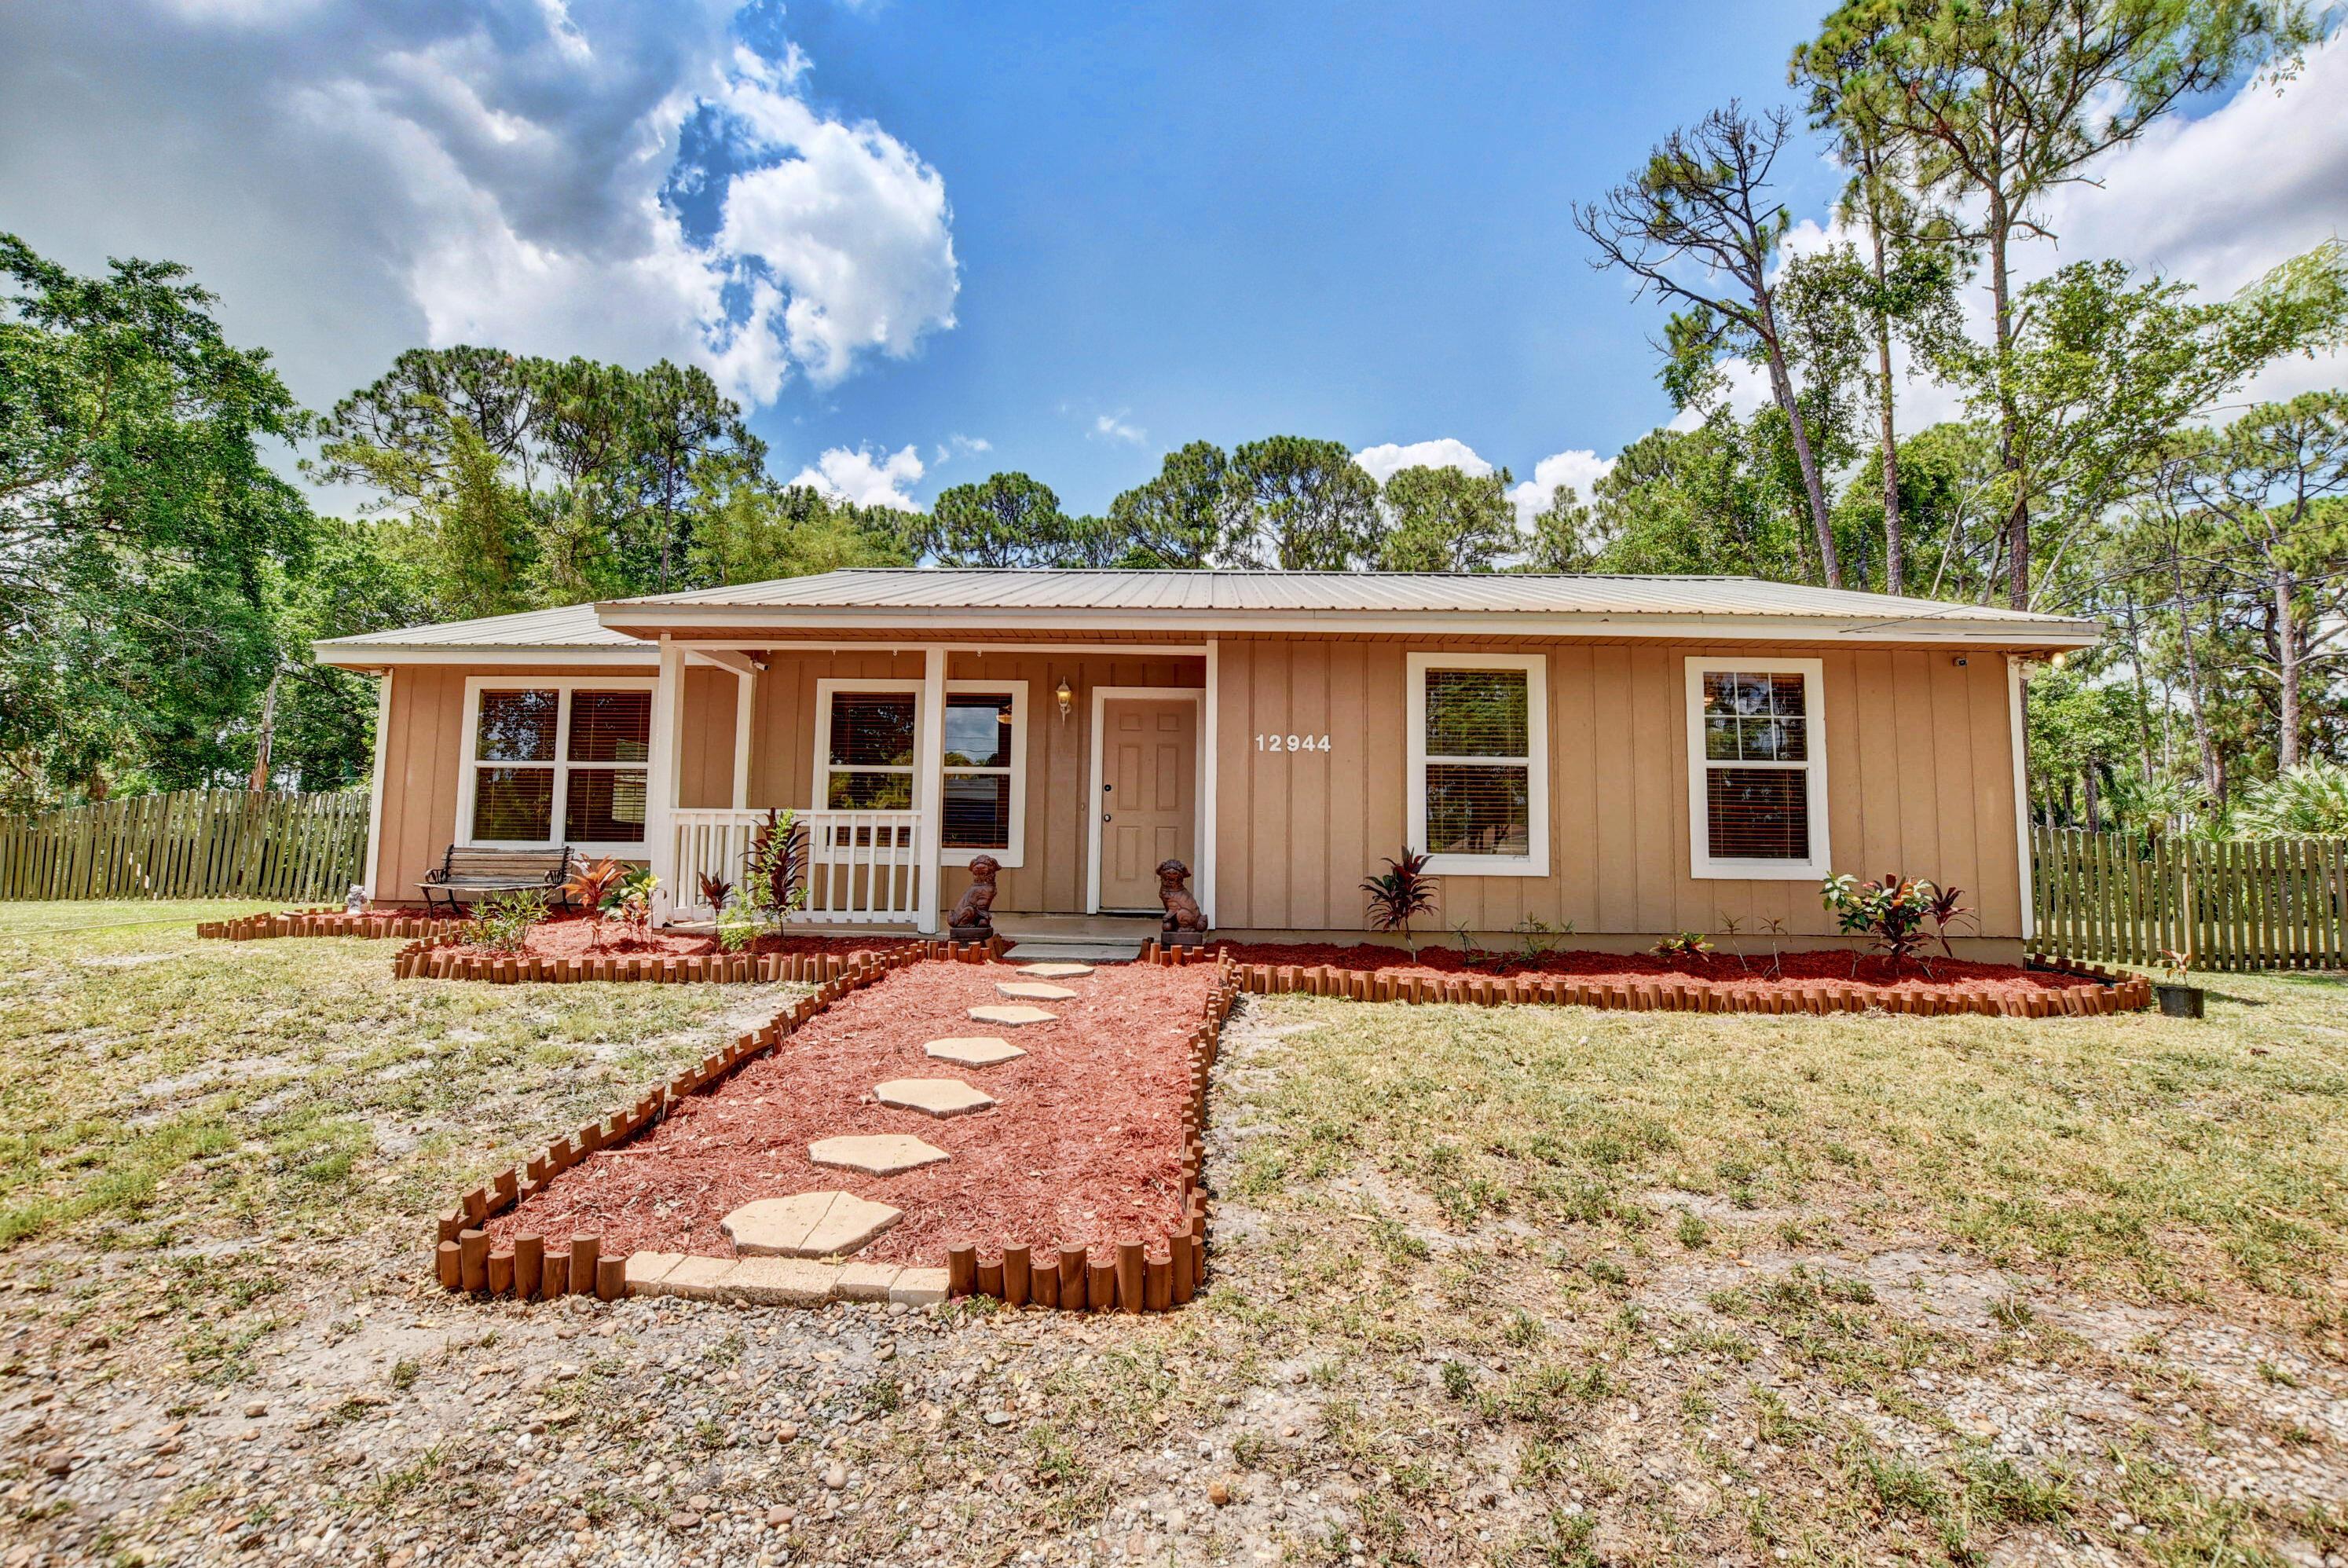 12944 N 68th Street  For Sale 10720323, FL